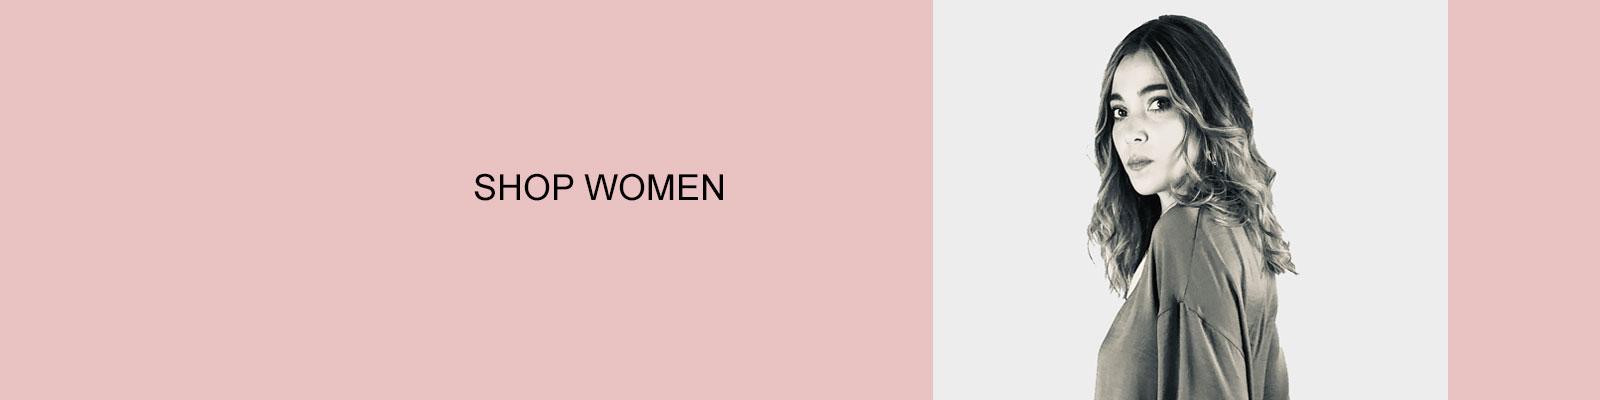 sale-women-1.jpg